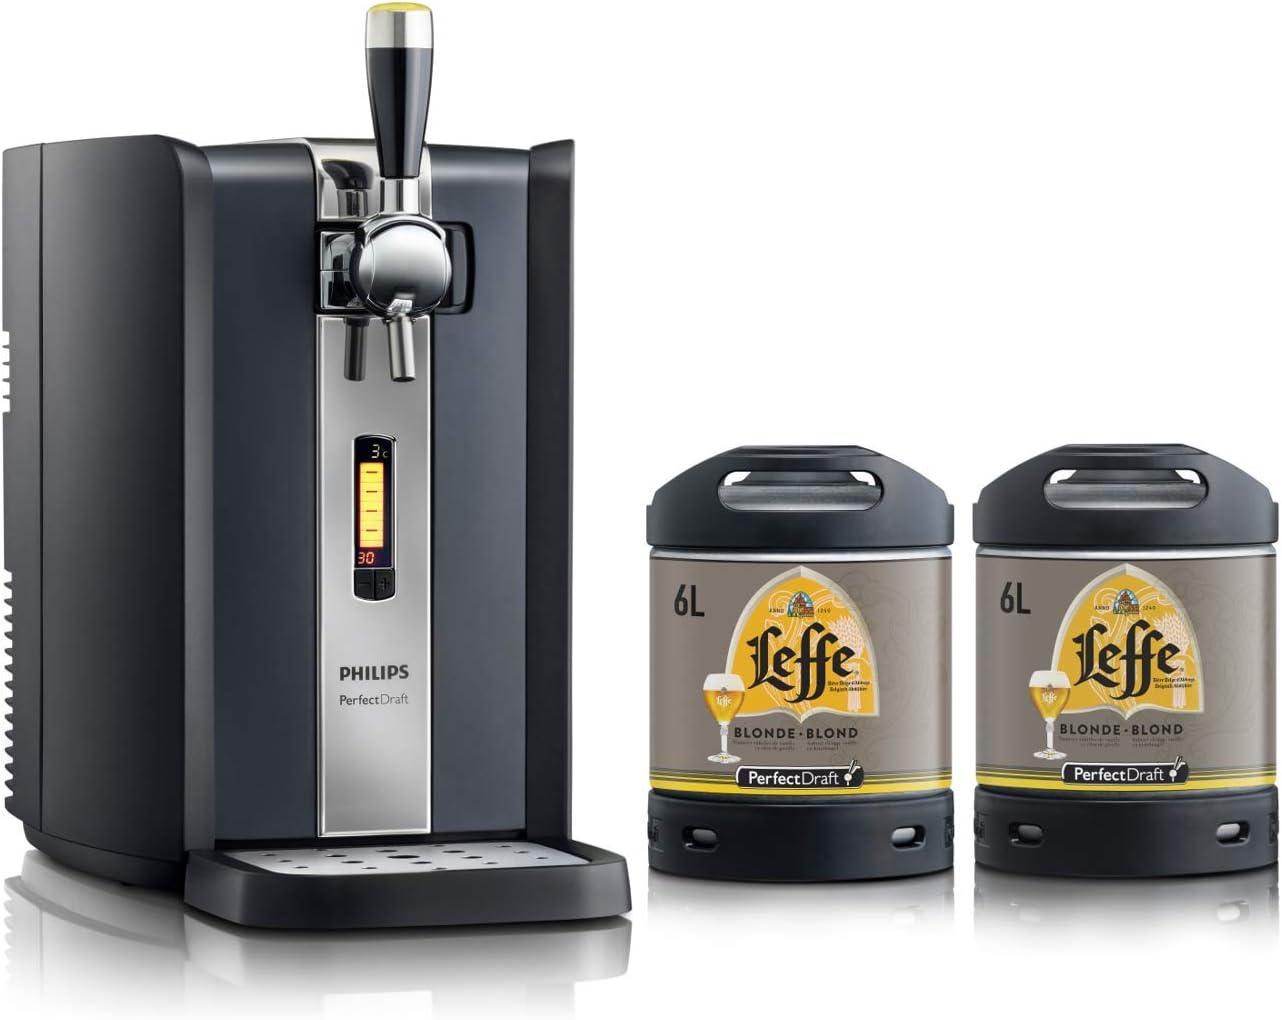 Dispensador de cerveza PerfectDraft de 6 litros. Incluye 2 barriles de 6 litros. Incluye un depósito de 10 euros (Leffe Blonde)